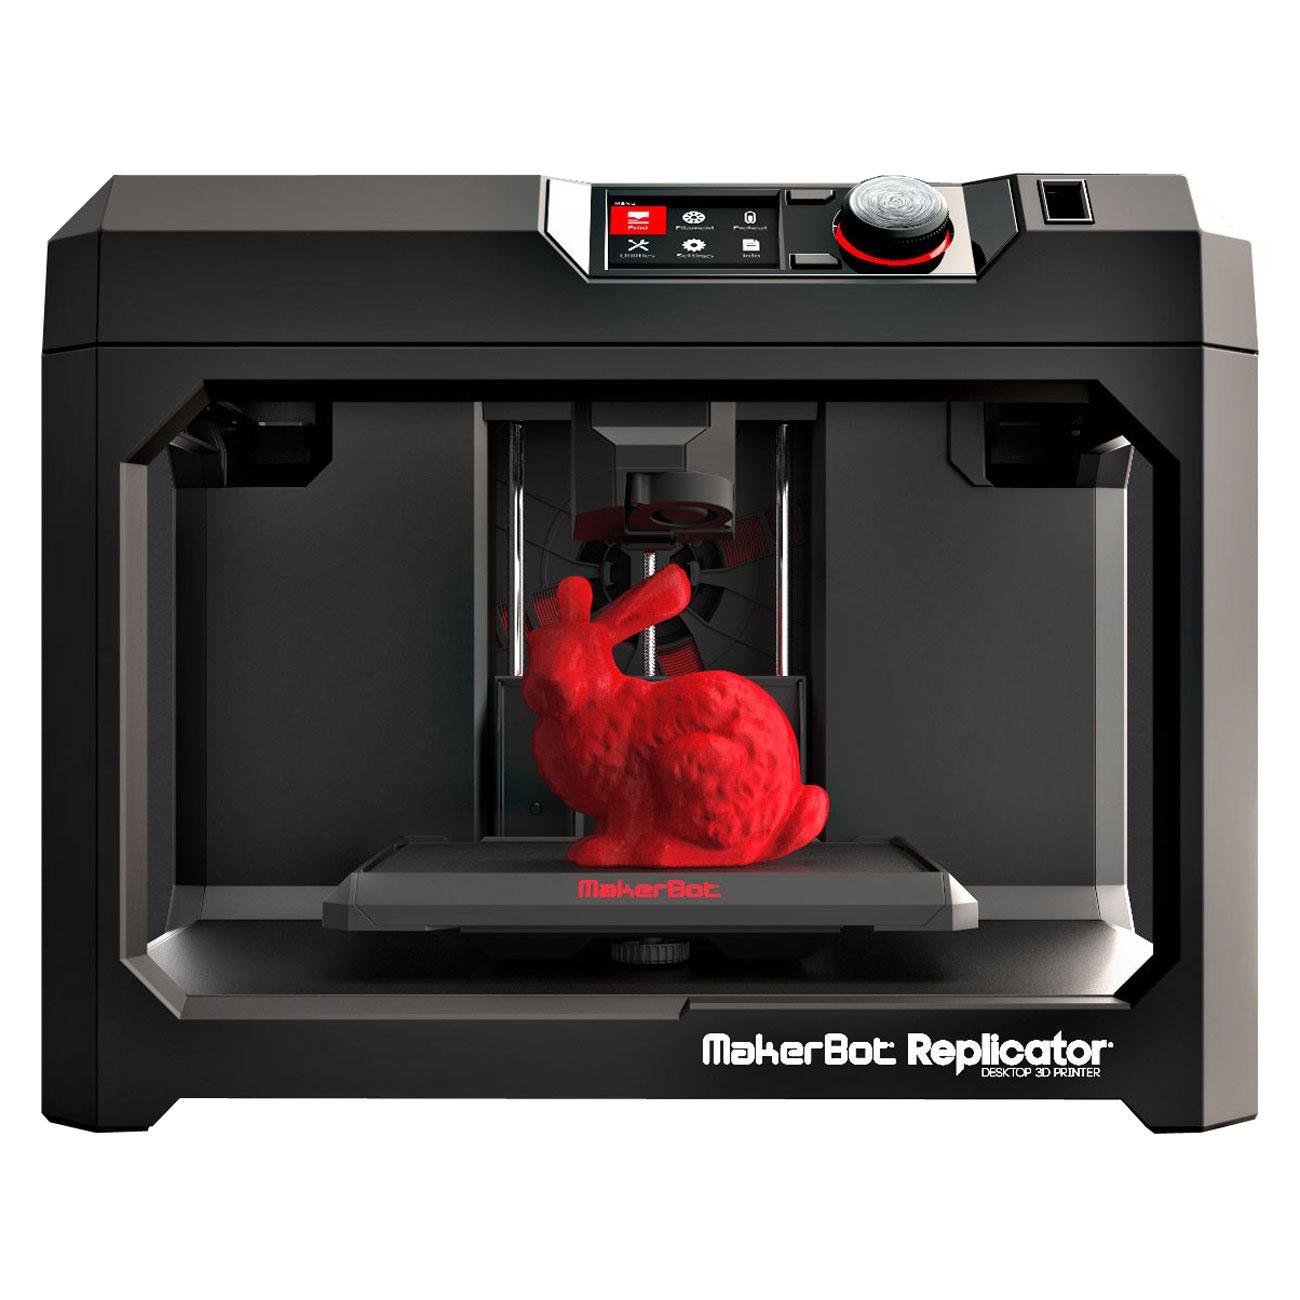 makerbot replicator 5th imprimante 3d makerbot sur. Black Bedroom Furniture Sets. Home Design Ideas